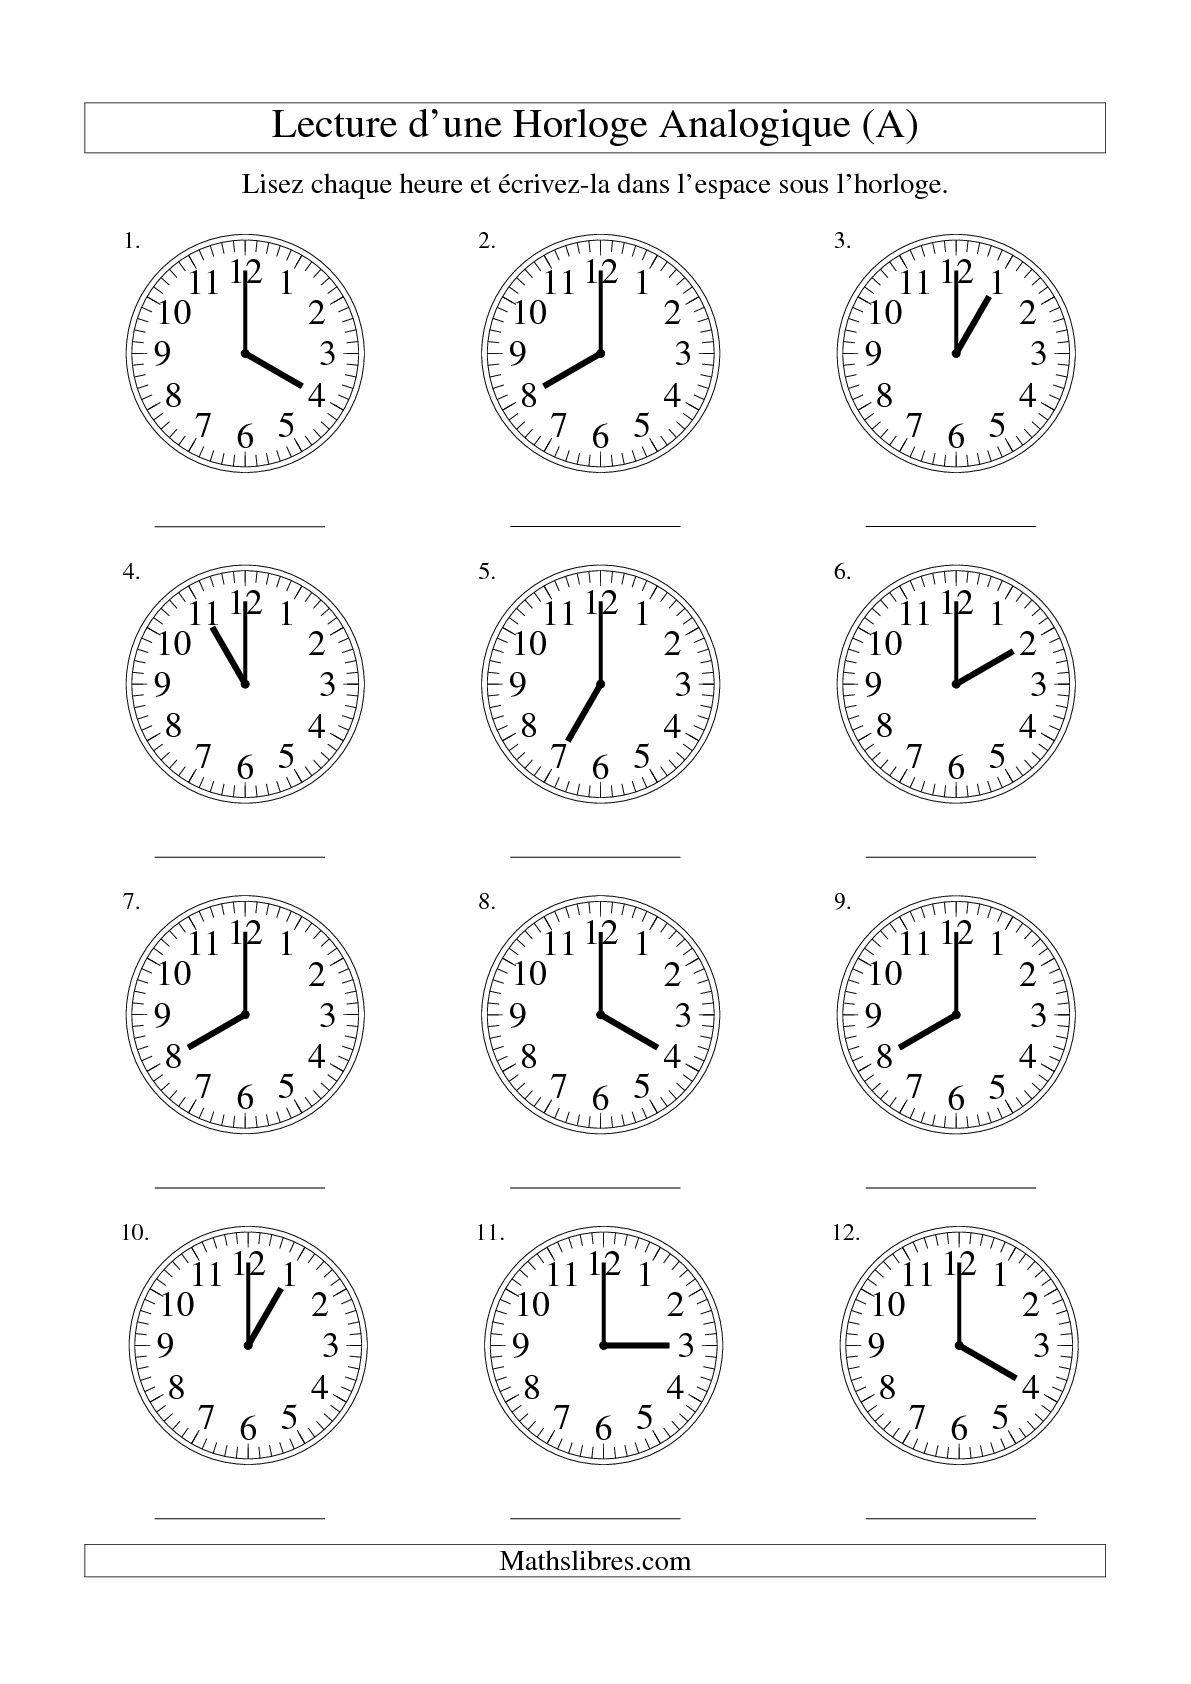 Lecture De L'heure Sur Une Horloge Analogique Avec 60 intérieur Exercice Pour Apprendre A Lire